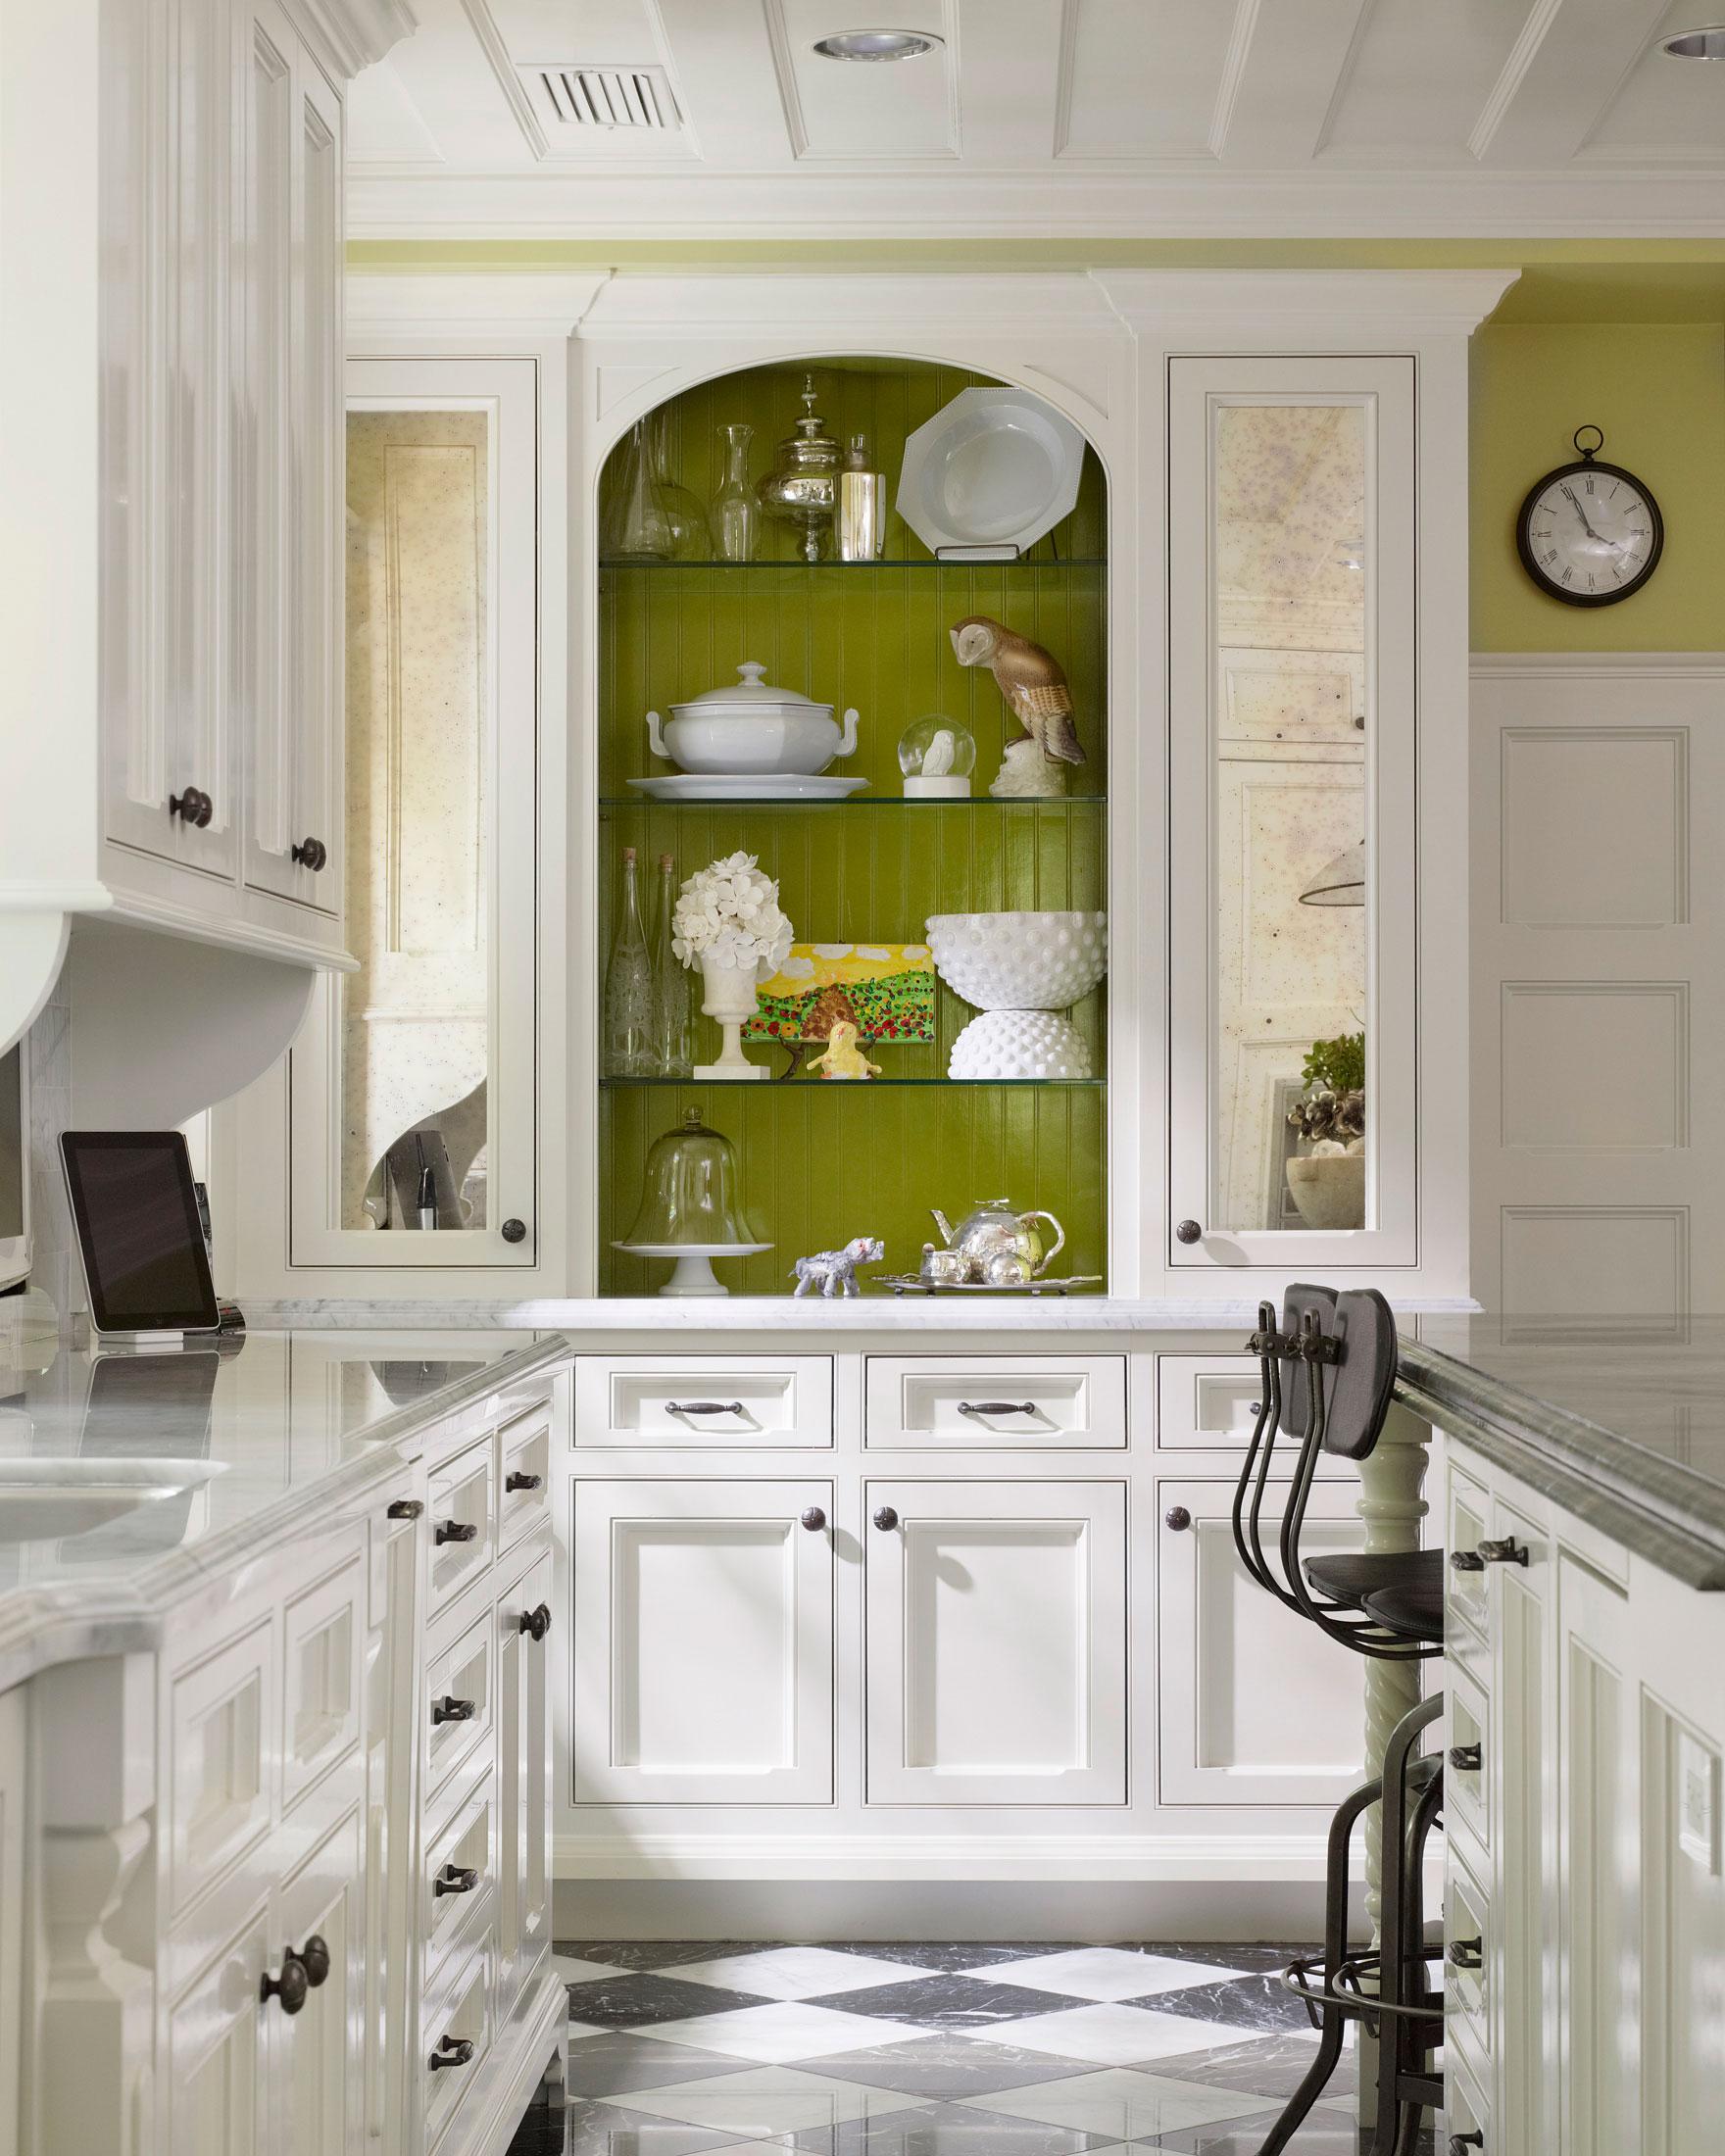 stephen-karlisch-photographer-balestri-kitchen-shelves.jpg